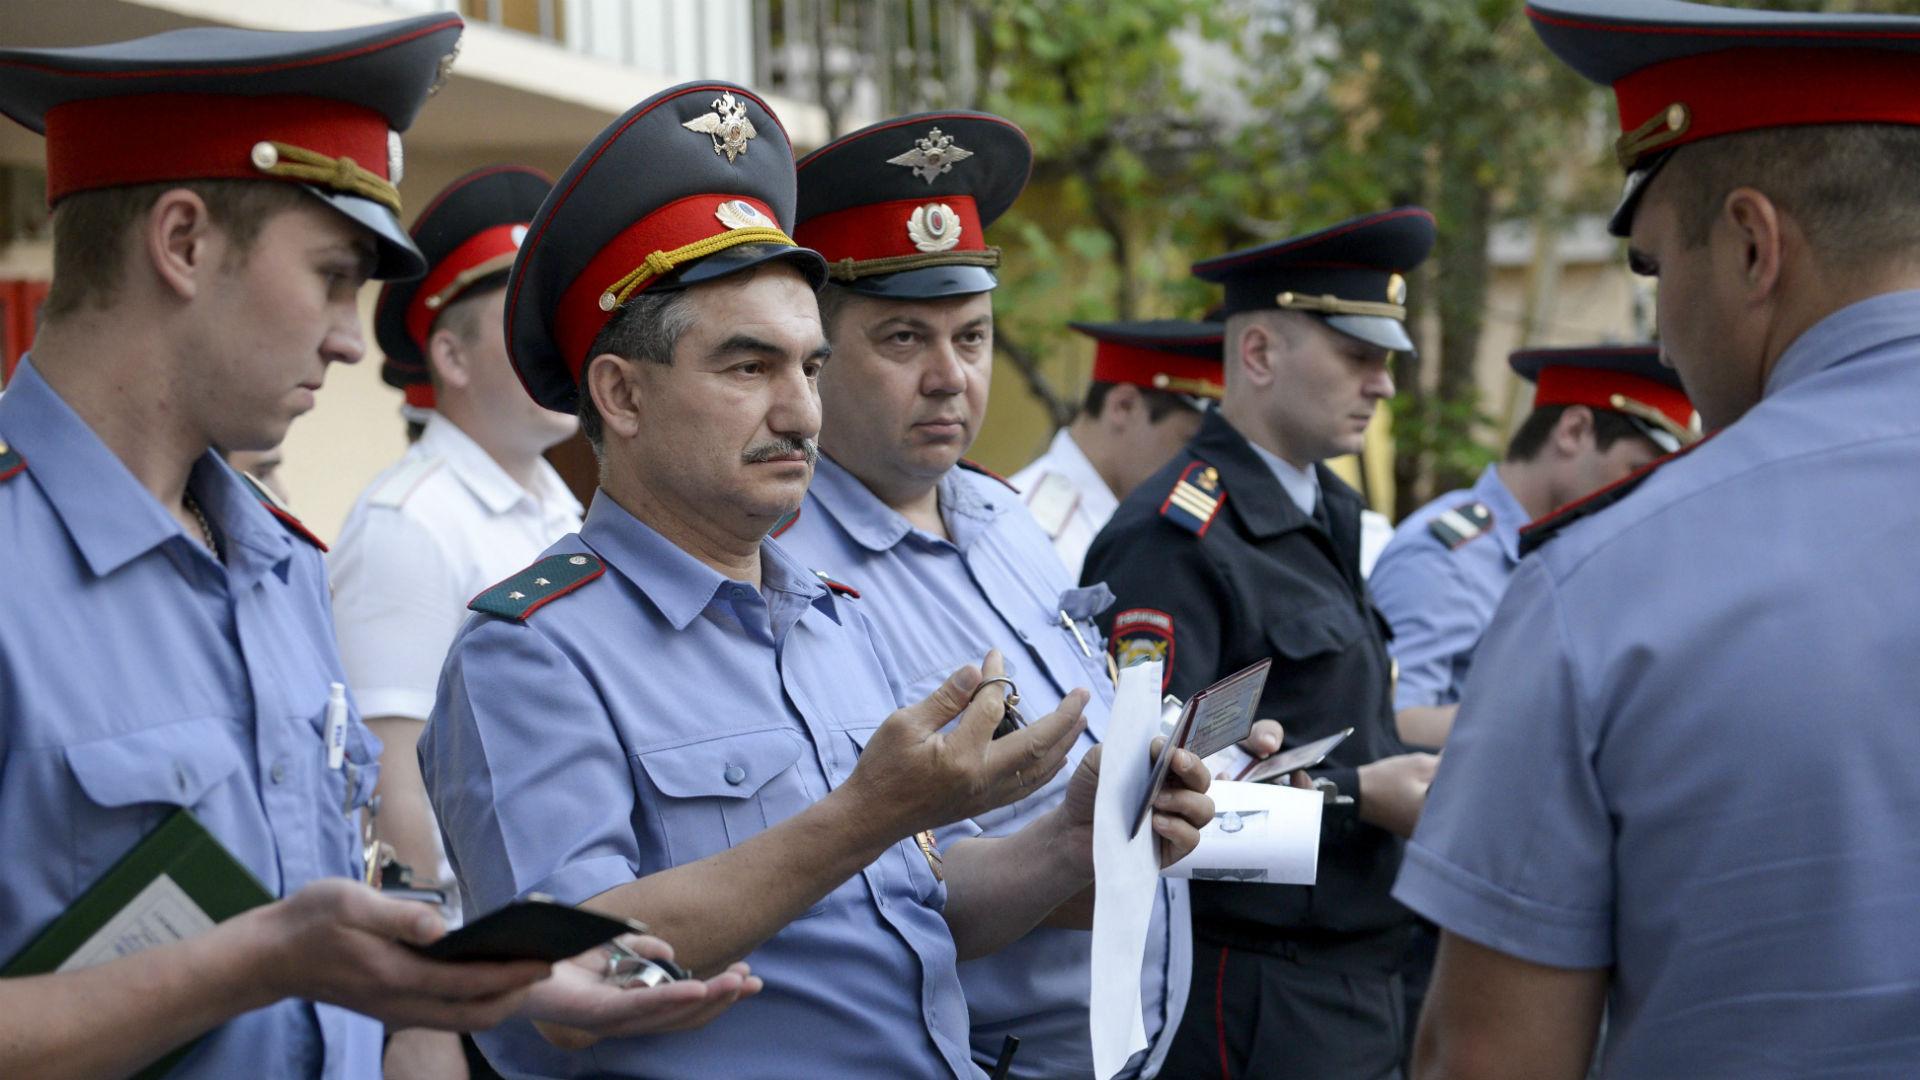 russianpolice011914-ap-ftr.jpg